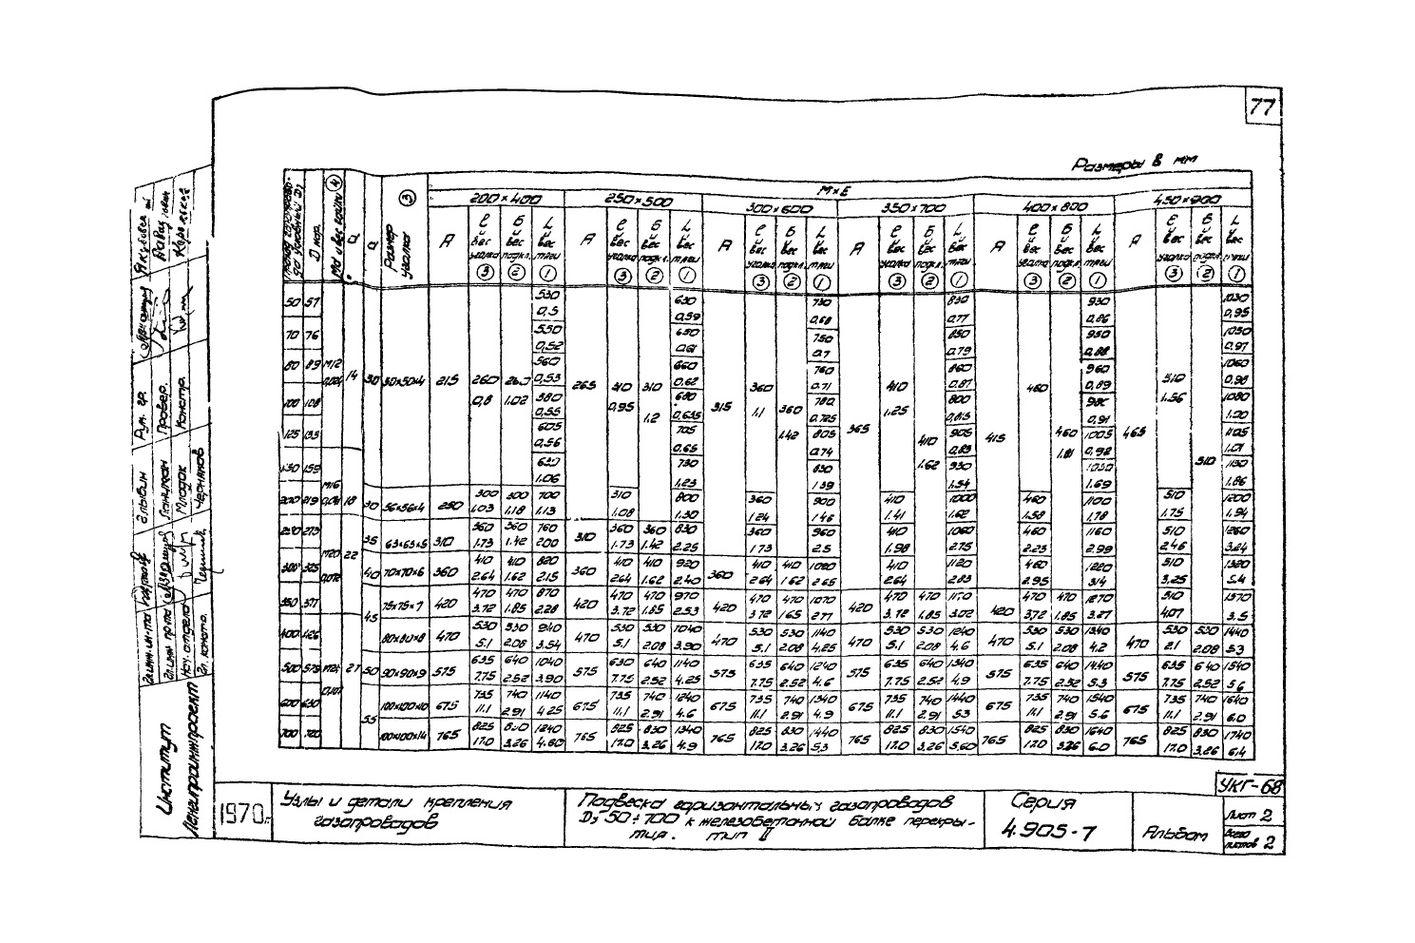 Подвеска горизонтальных газопроводов Ду50-700 к железобетонной балке перекрытия Тип 2 УКГ-68 серия 4.905-7 стр.2